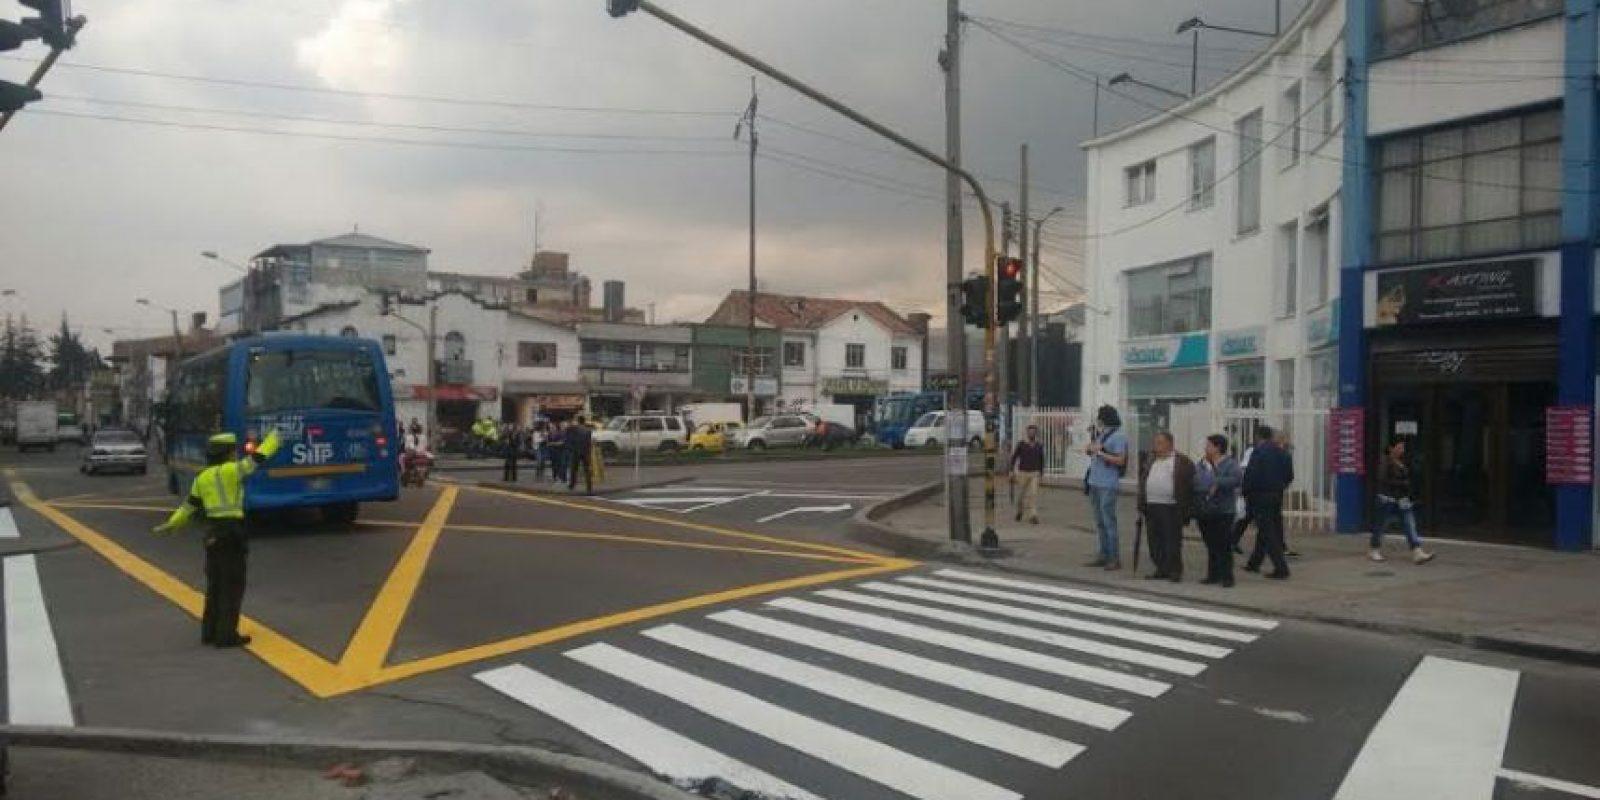 Después de la intervención de la Secretaría de Movilidad el cruce quedó como se puede ver en la imagen. Foto:Cortesía Secretaría de Movilidad